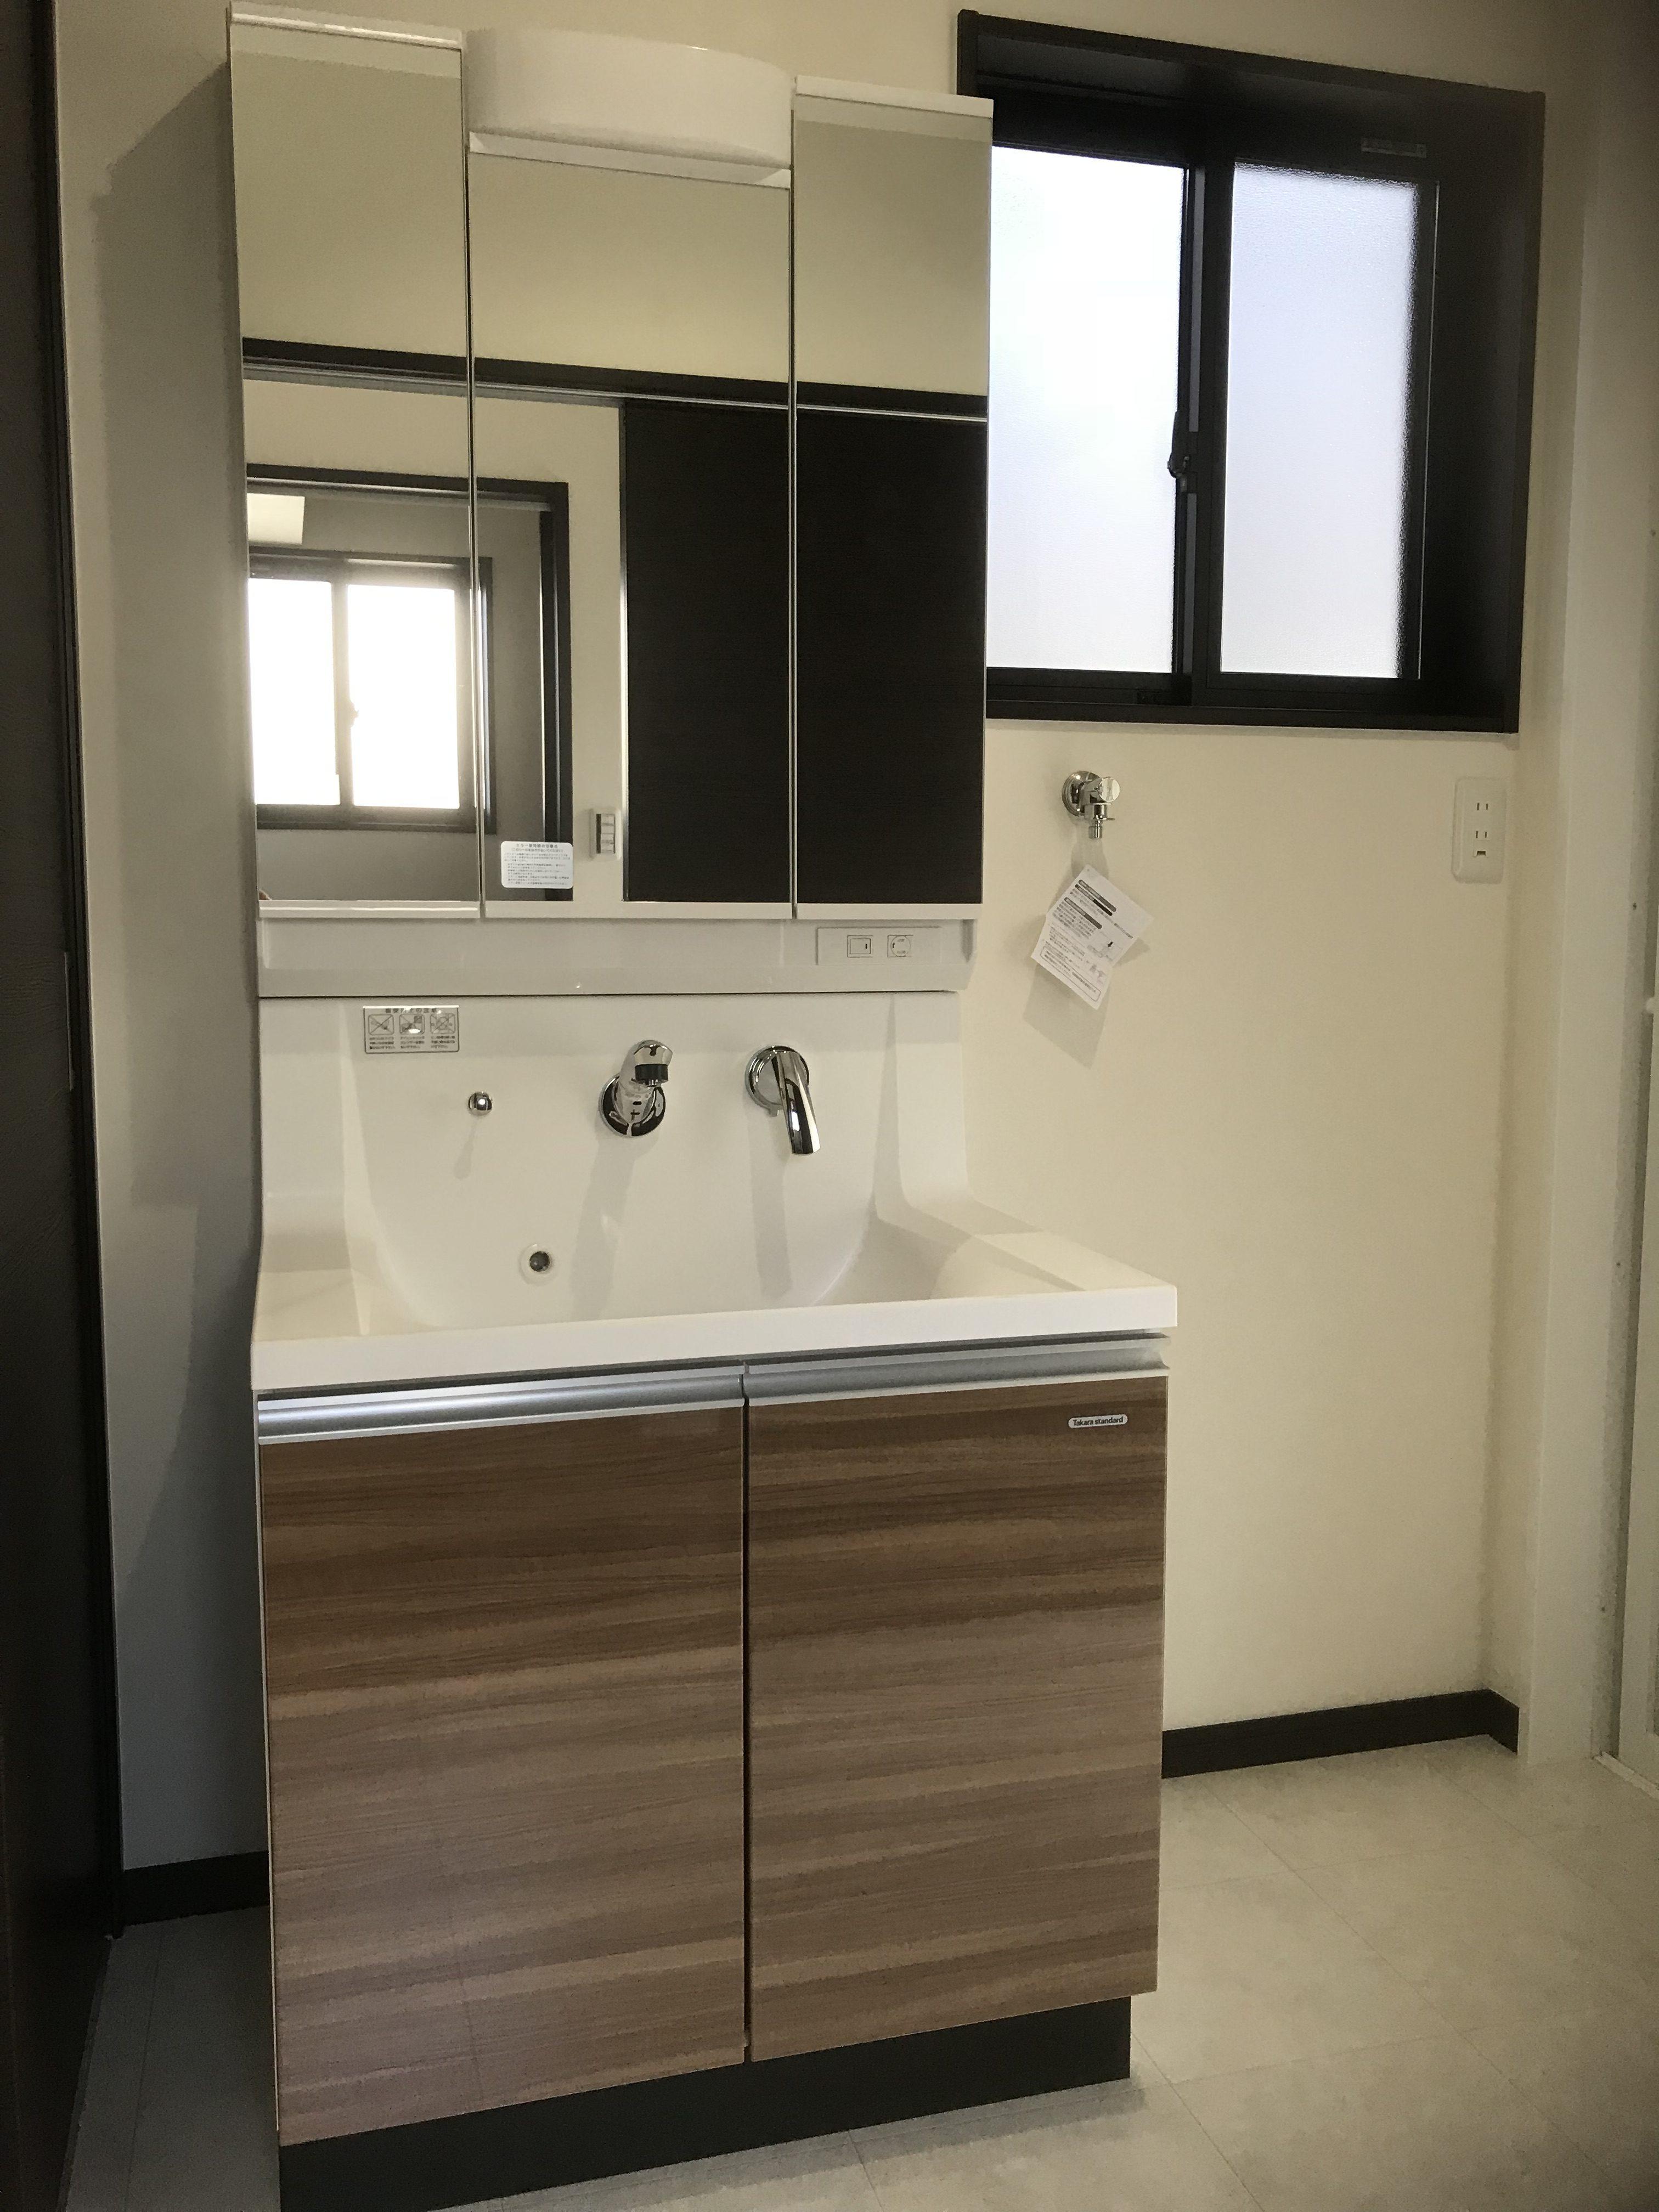 四国中央市で二階建ての家の写真の洗面台写真